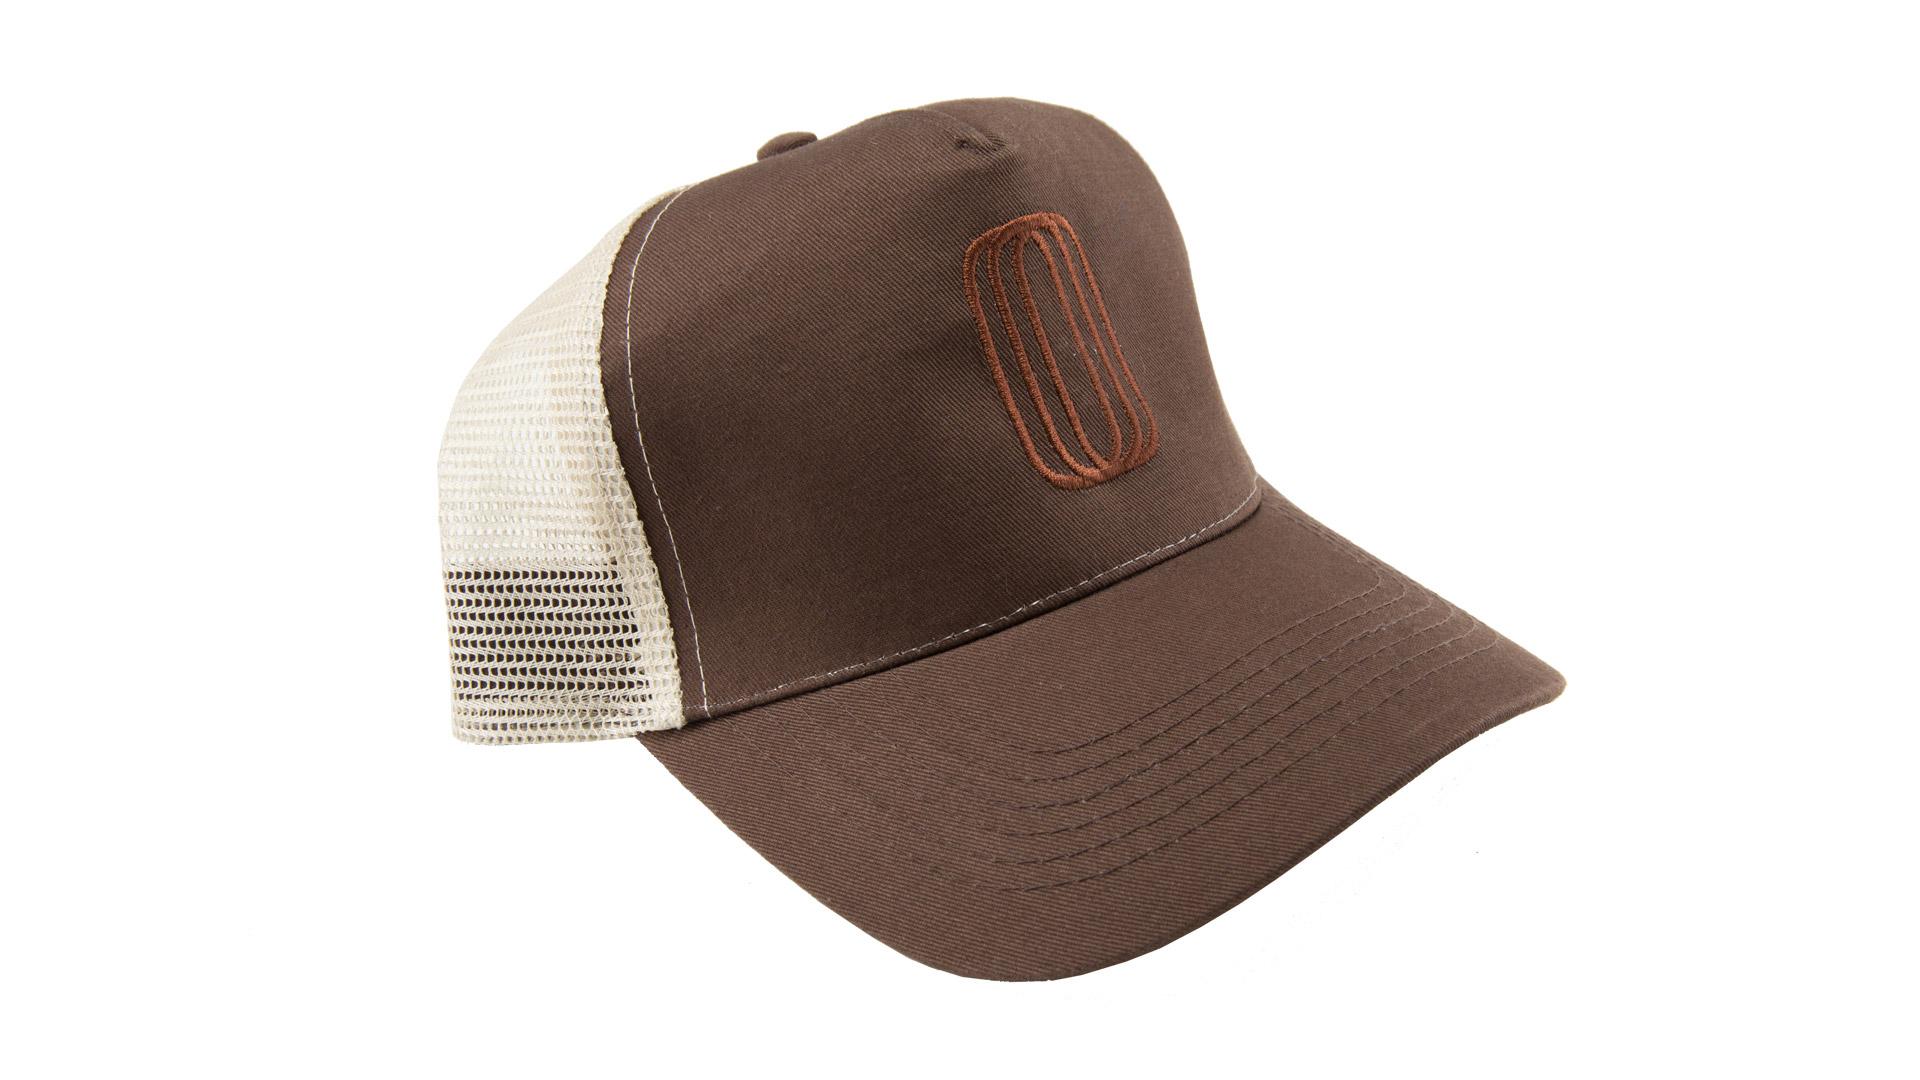 foto cappello shop e-commerce abbigliamento accessori fotocat